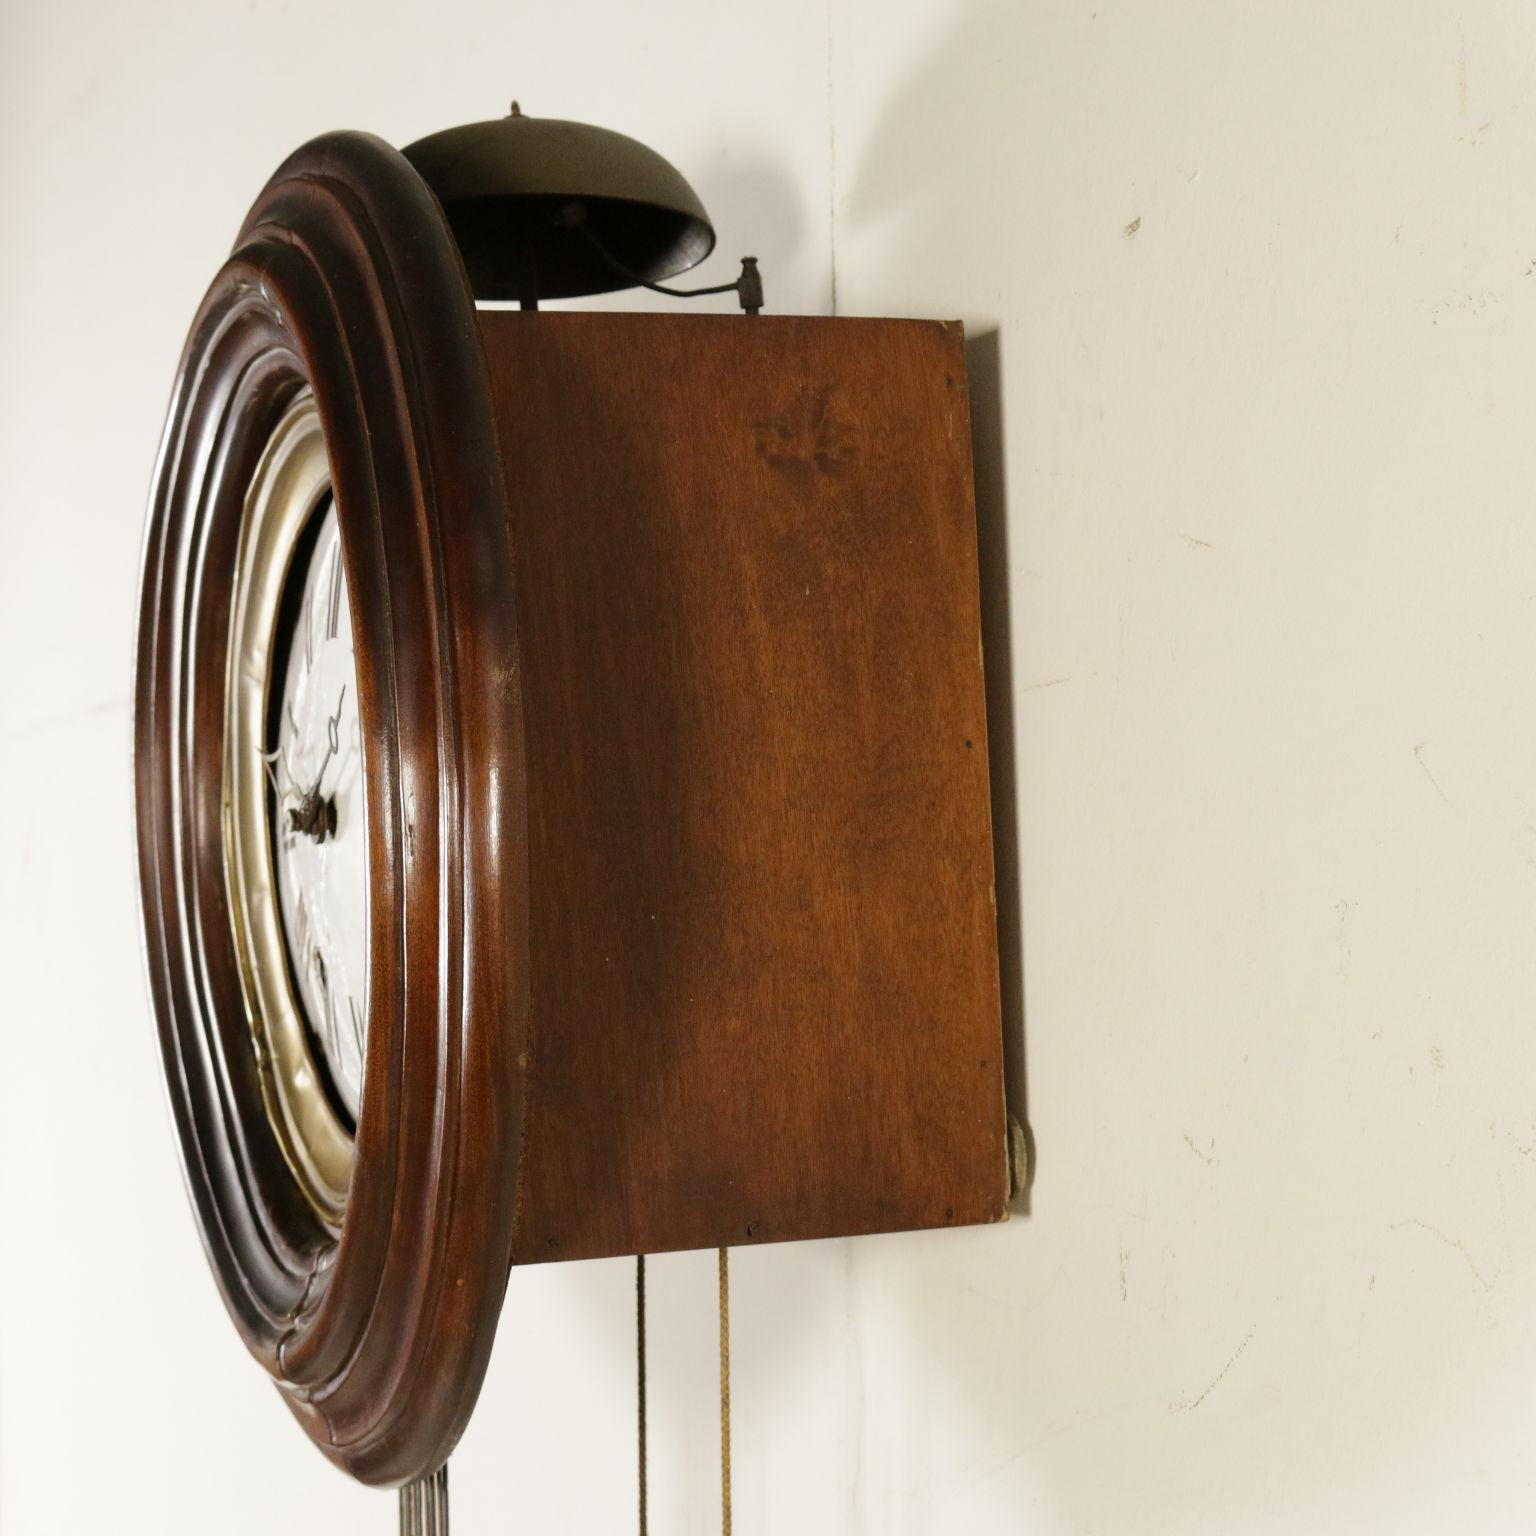 uhr mit pendel wohnkultur antiquit ten. Black Bedroom Furniture Sets. Home Design Ideas